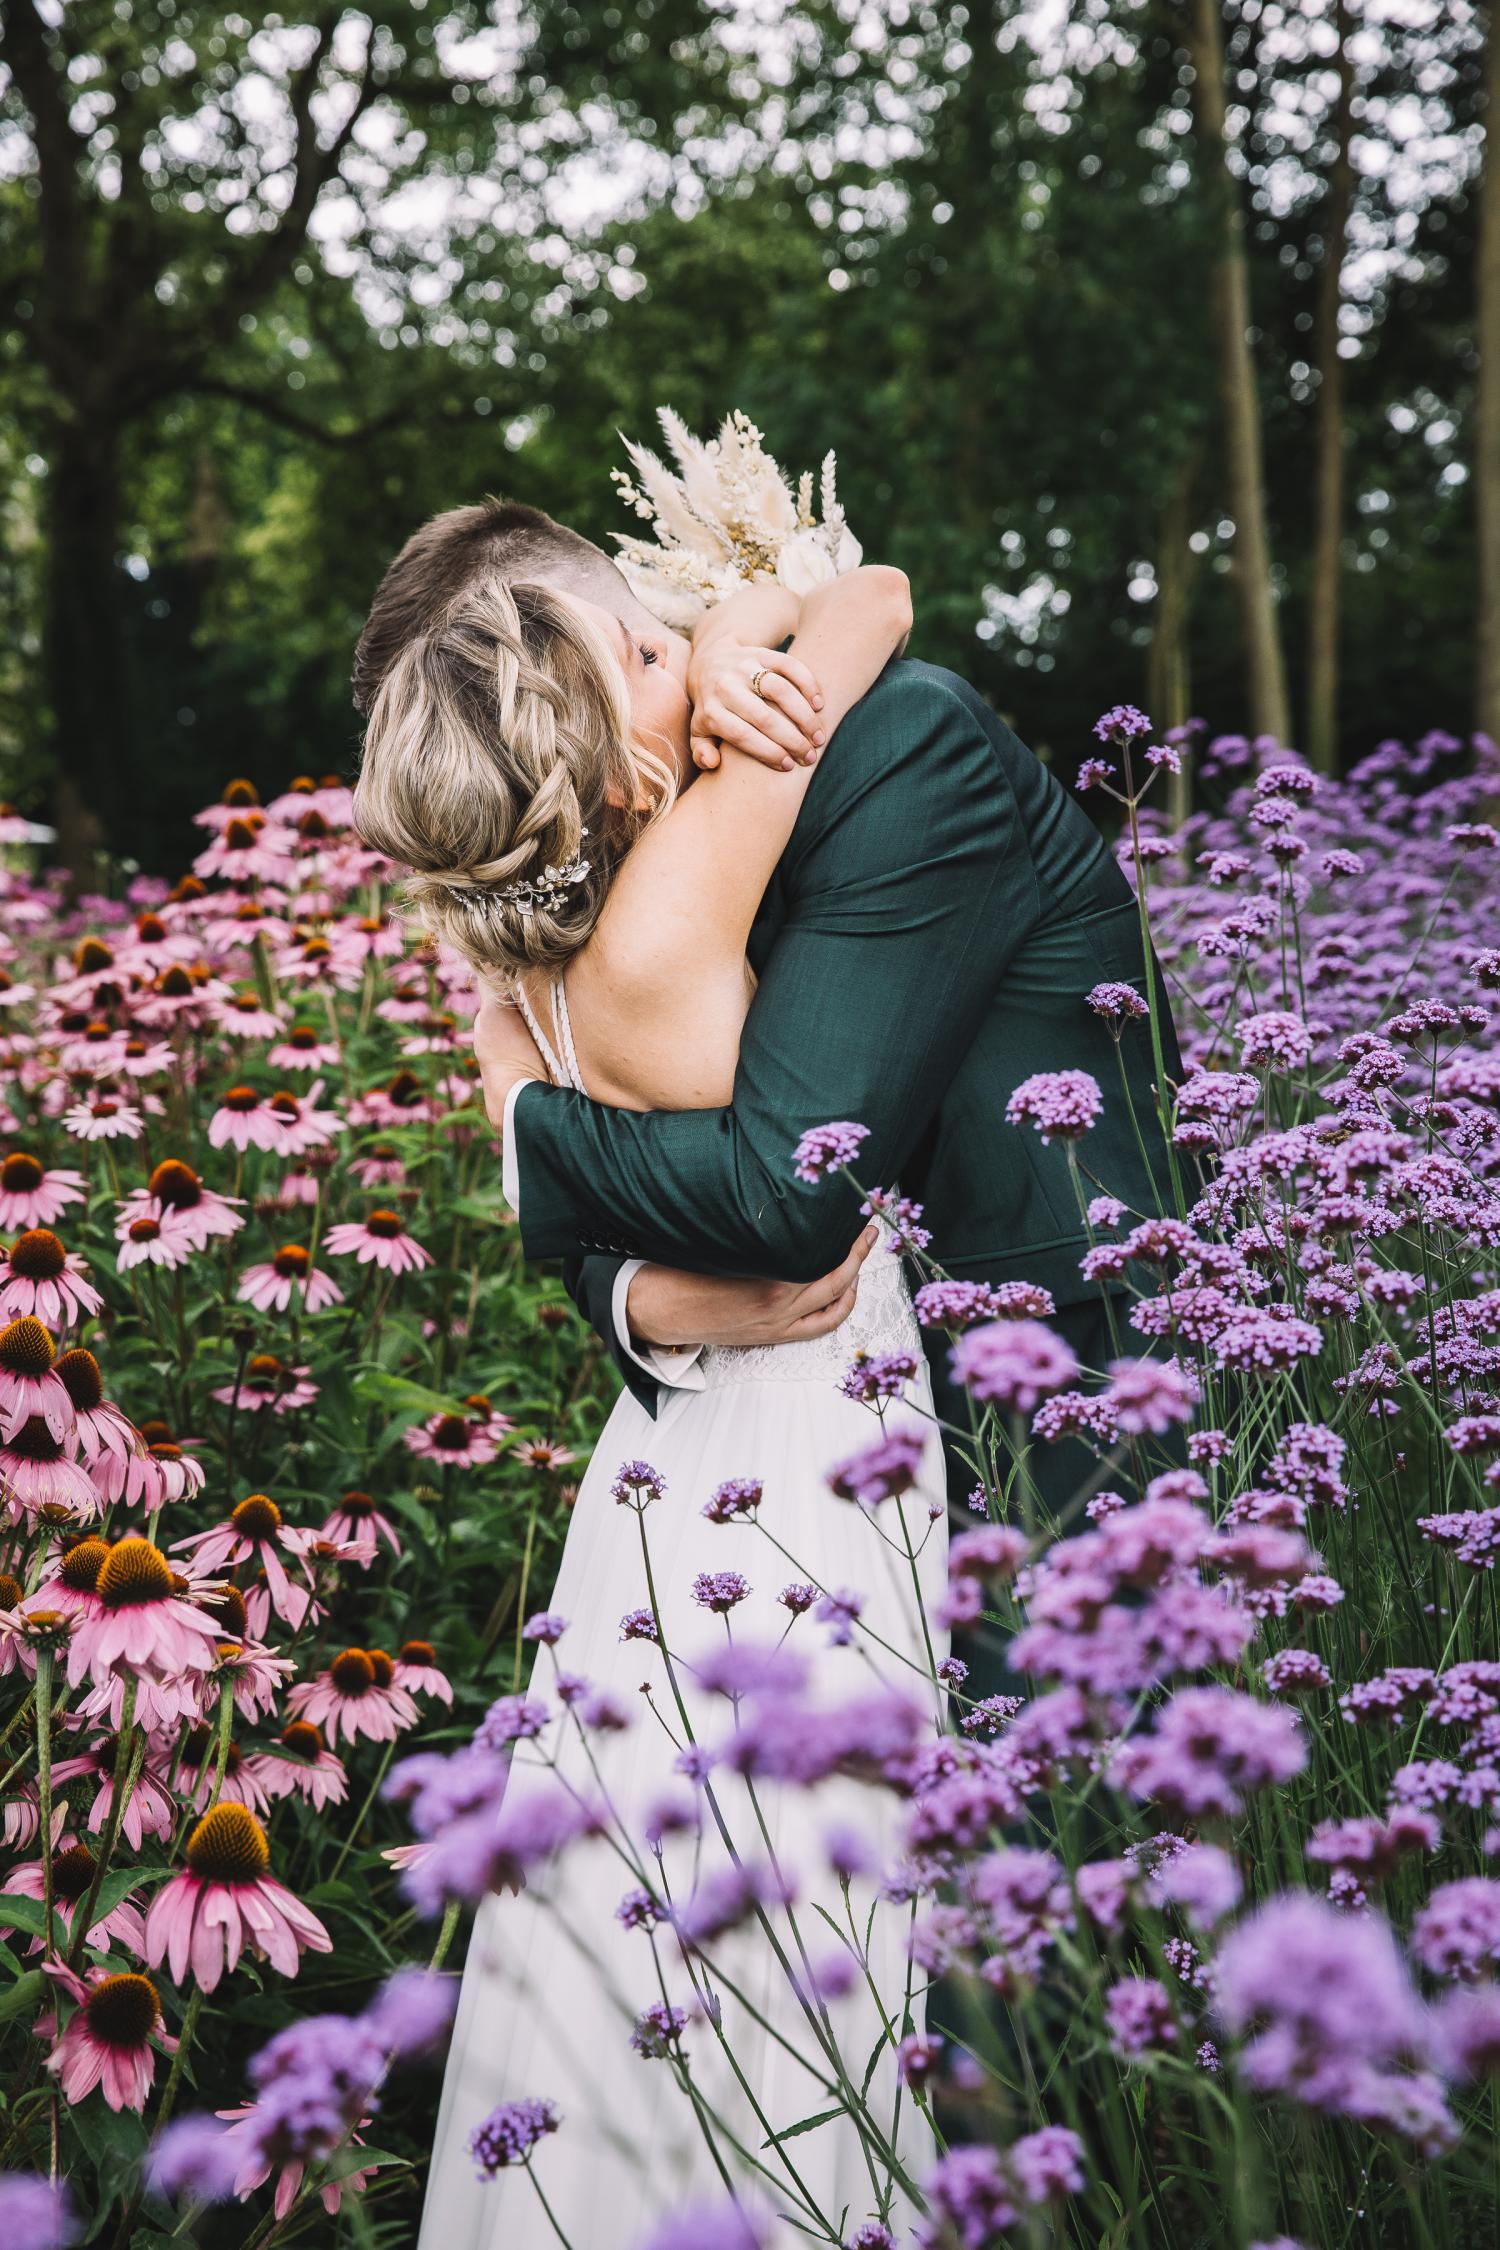 Fotoshoot tussen de bloemen